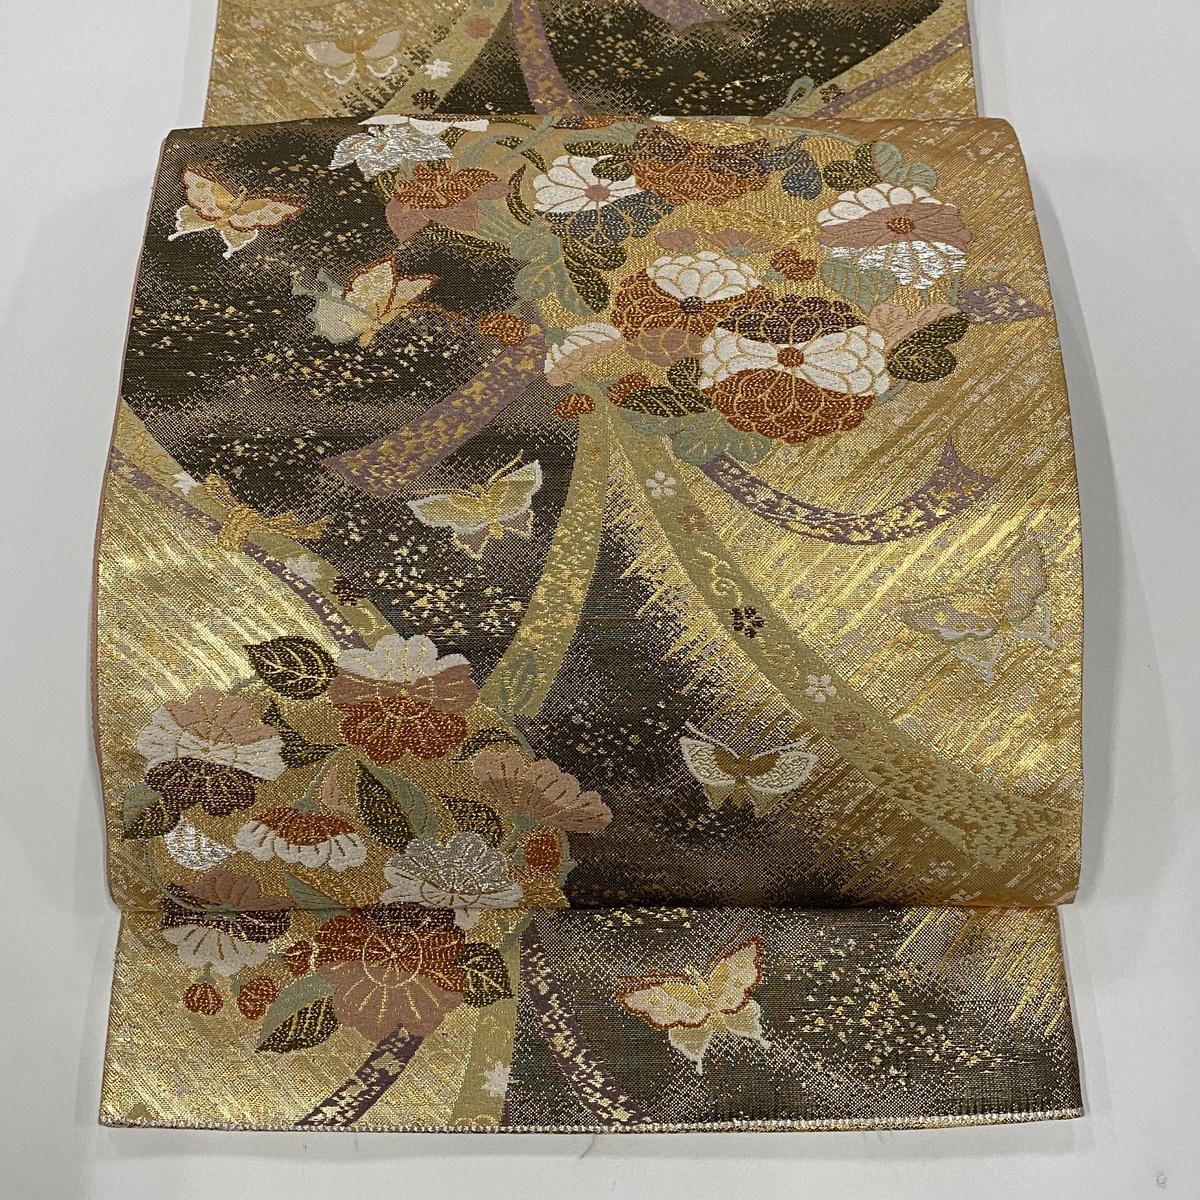 袋帯 美品 秀品 束ね熨斗 花丸文 金銀糸 箔 金色 六通 正絹 【中古】